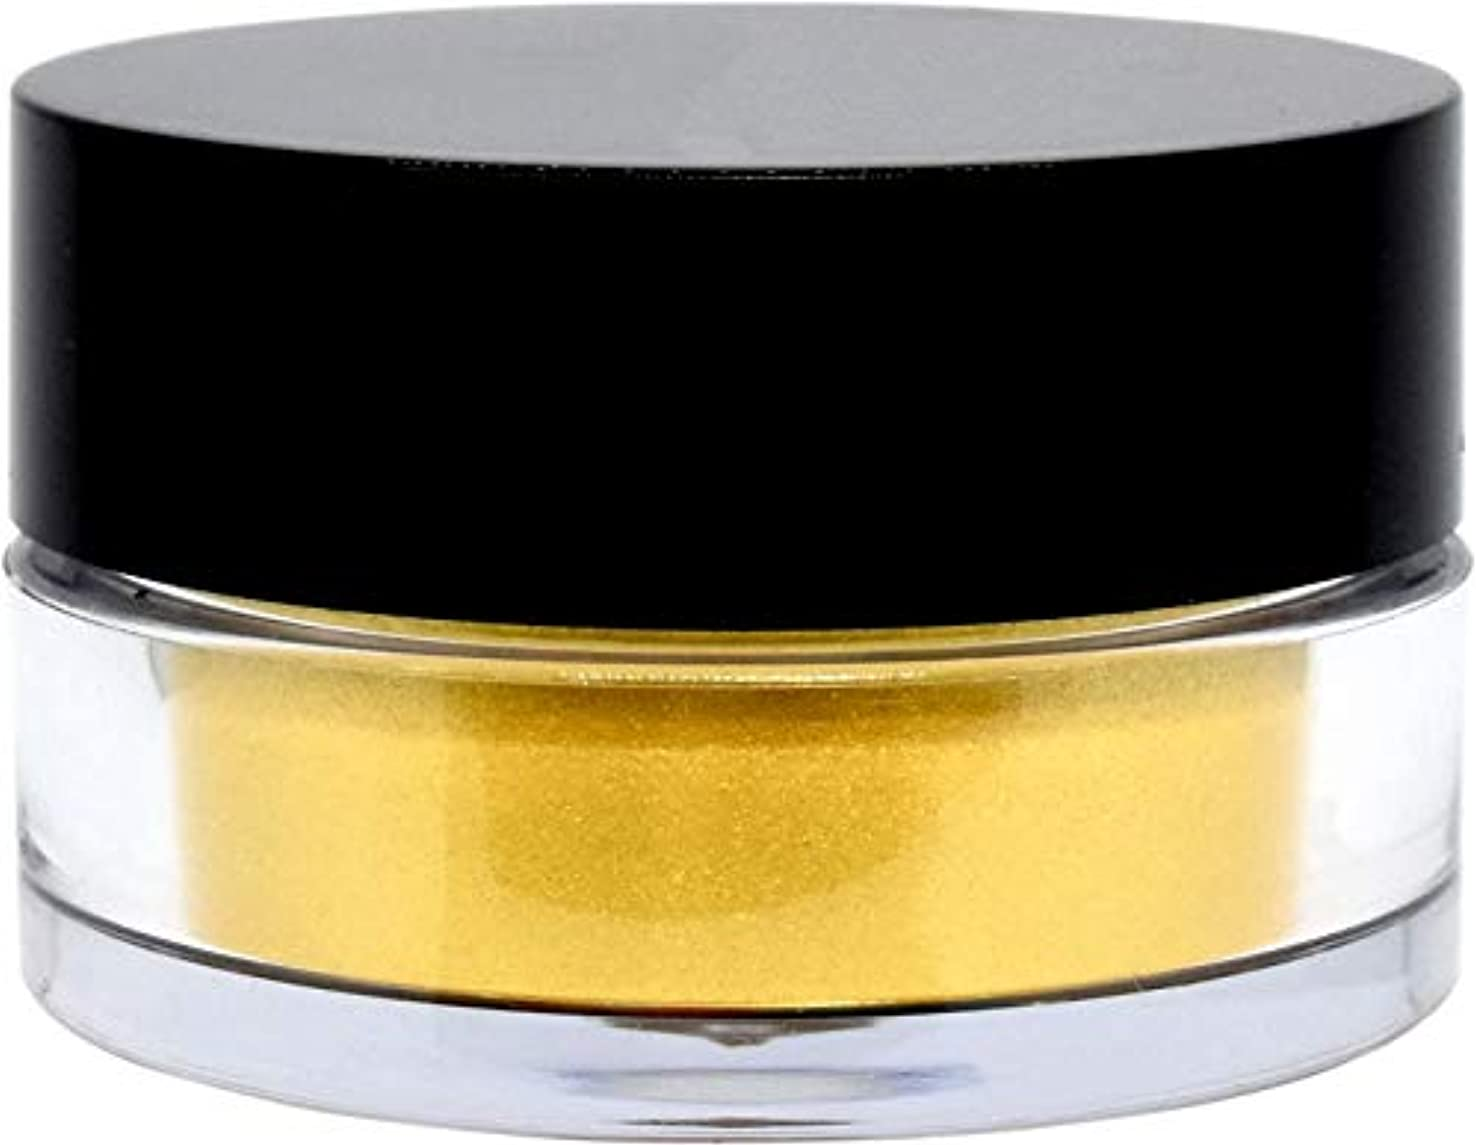 交換可能ラジウム寄り添う三善 プチカラー 高発色 アイシャドウ パール col:9 イエロー系